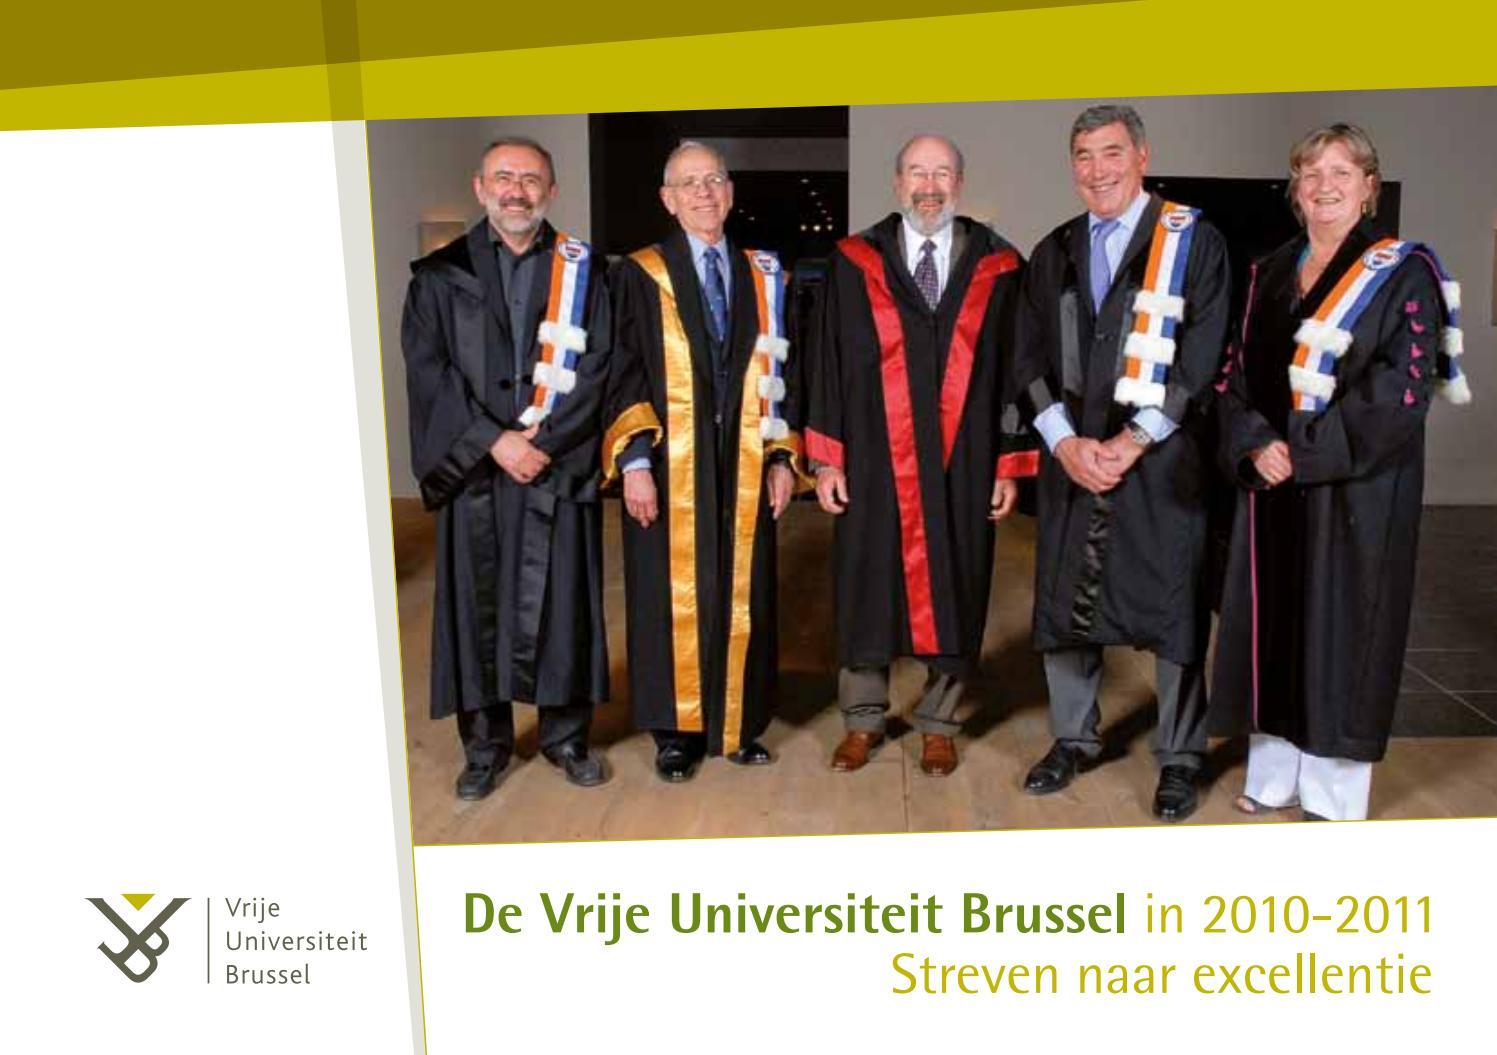 VUB jaarverslag 2010-2011 by Vrije Universiteit Brussel - issuu